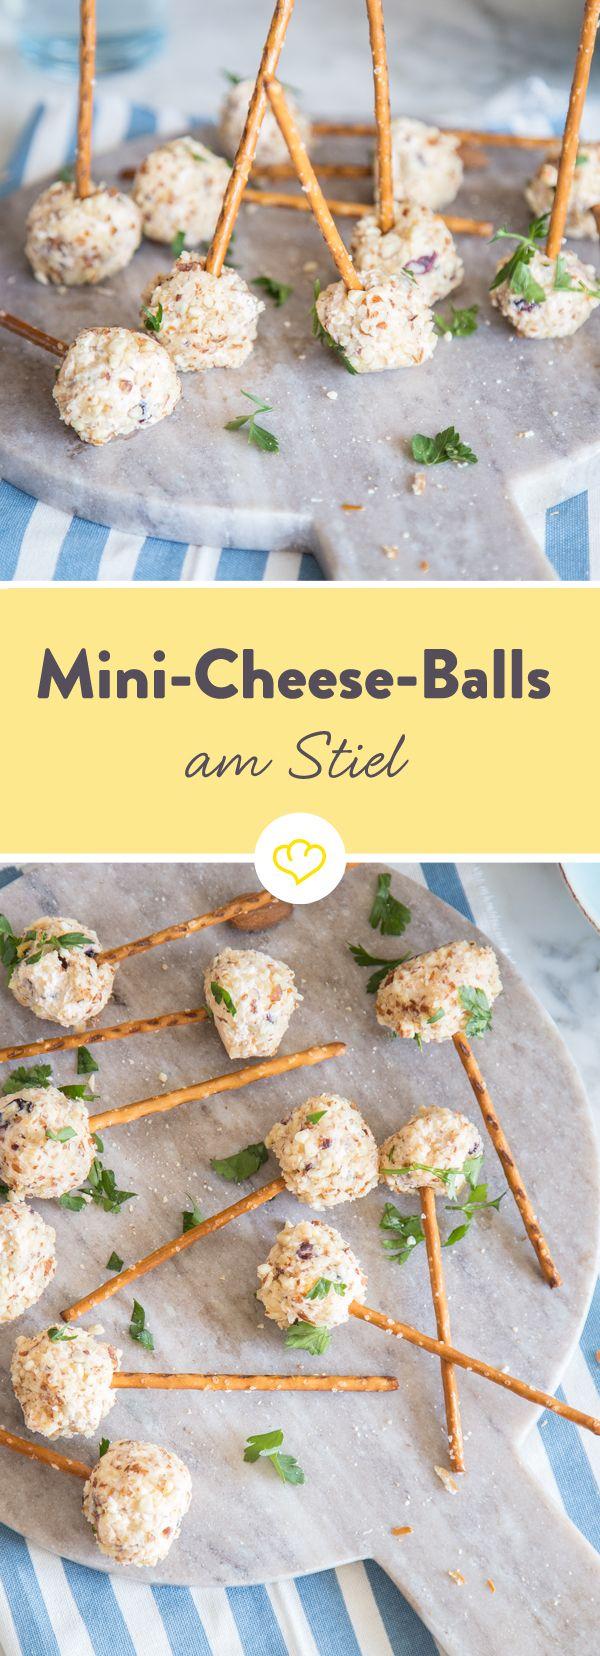 Für diese Mini-Cheese-Balls brauchst du nur Frischkäse, Cheddar, getrocknete Cranberries und Kirschen, zerkleinerte Nüsse und Salzstangen.